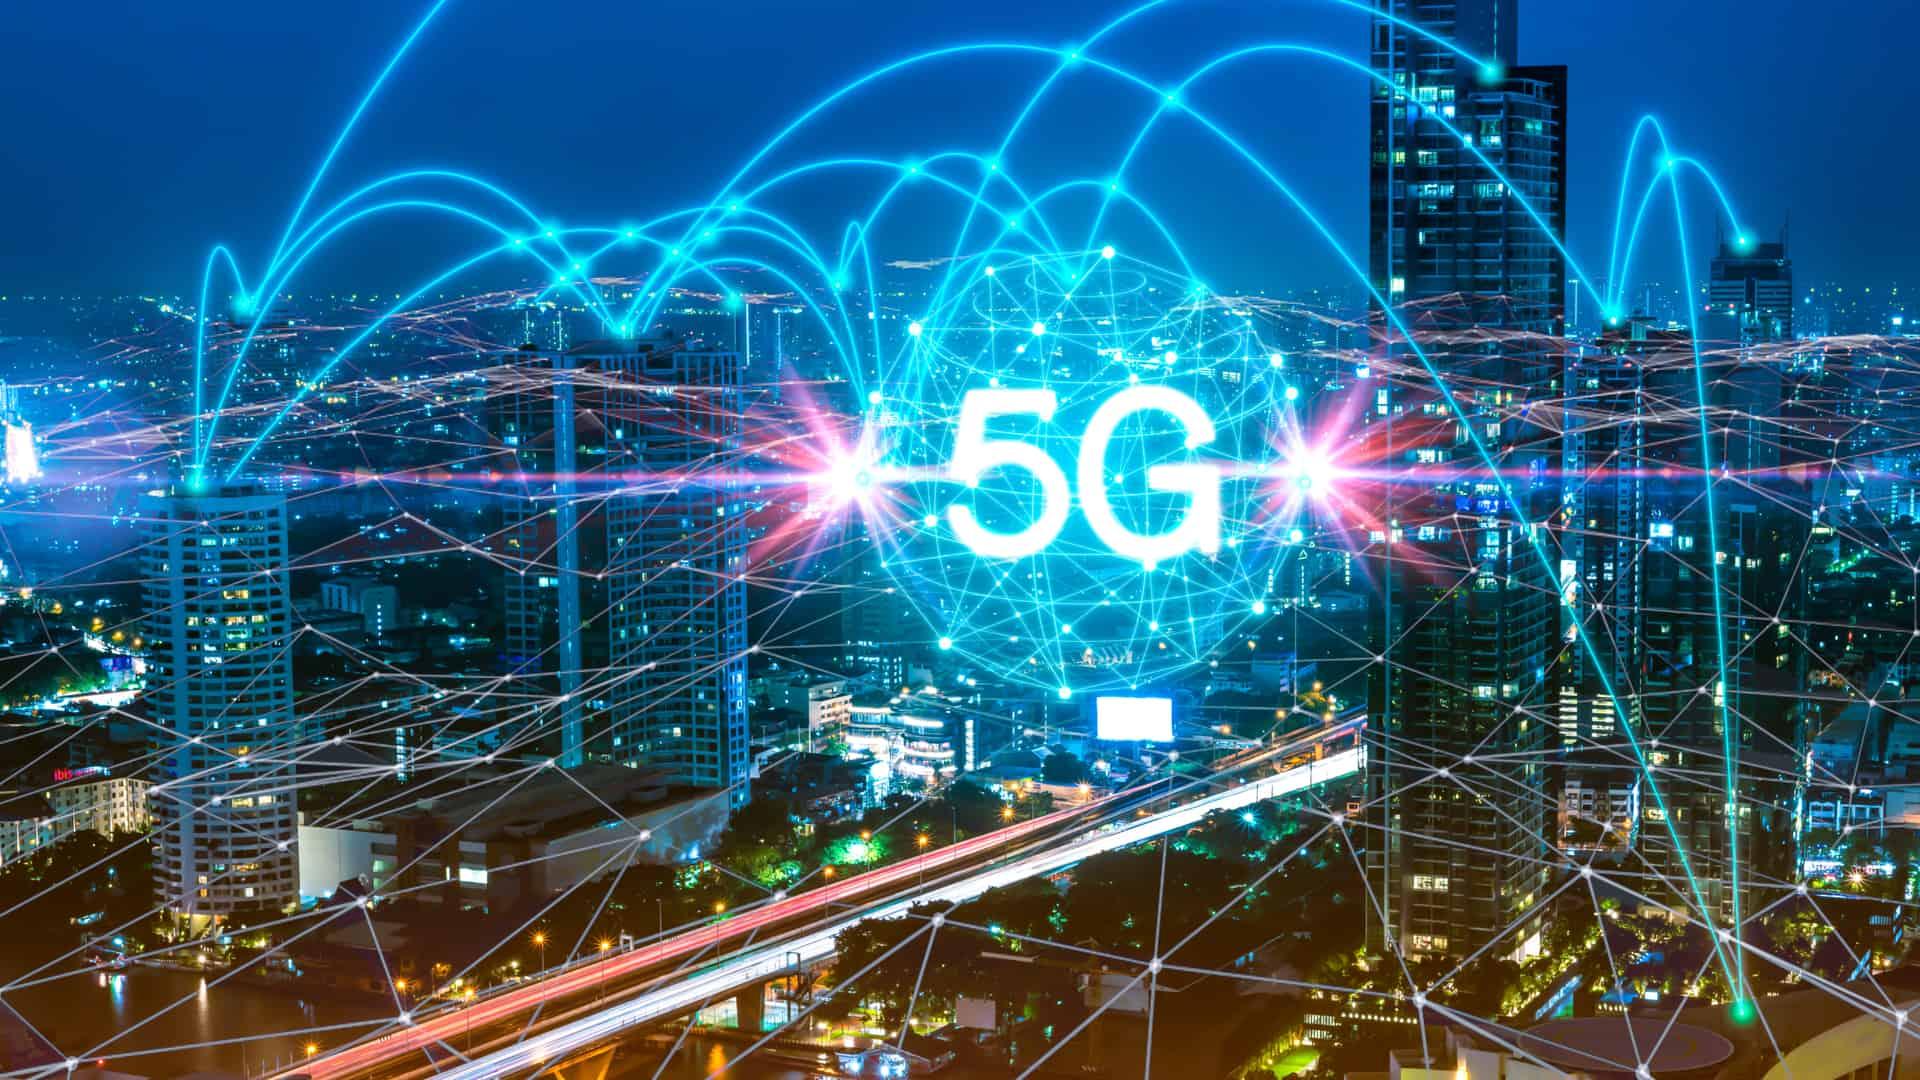 5G teknologjia rrjetit